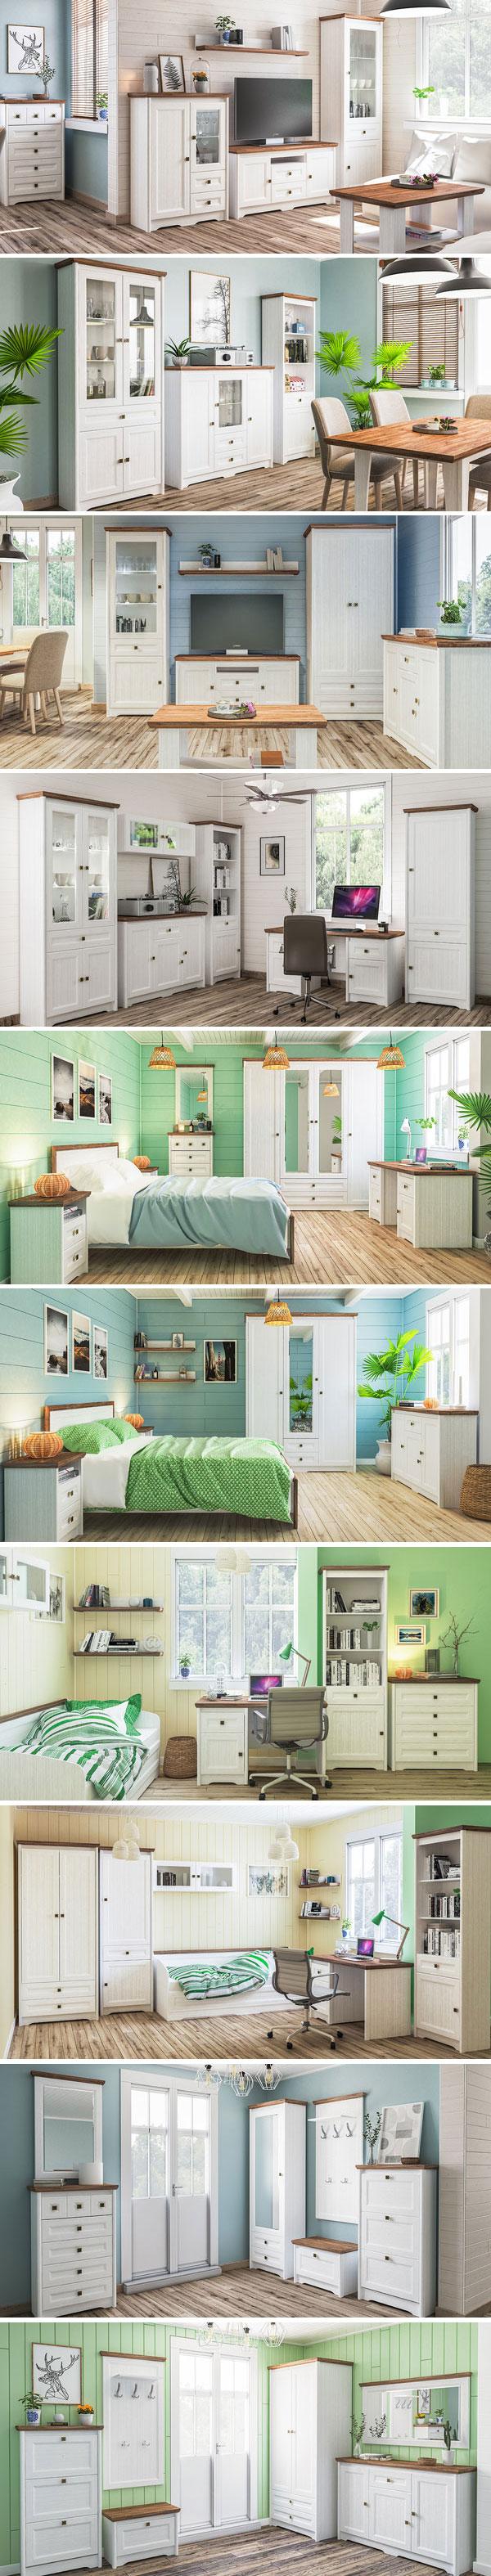 Jugendzimmer Set komplett 5 teilig Schreibtisch Bett 90x200cm weiß gewischt eiche sterling